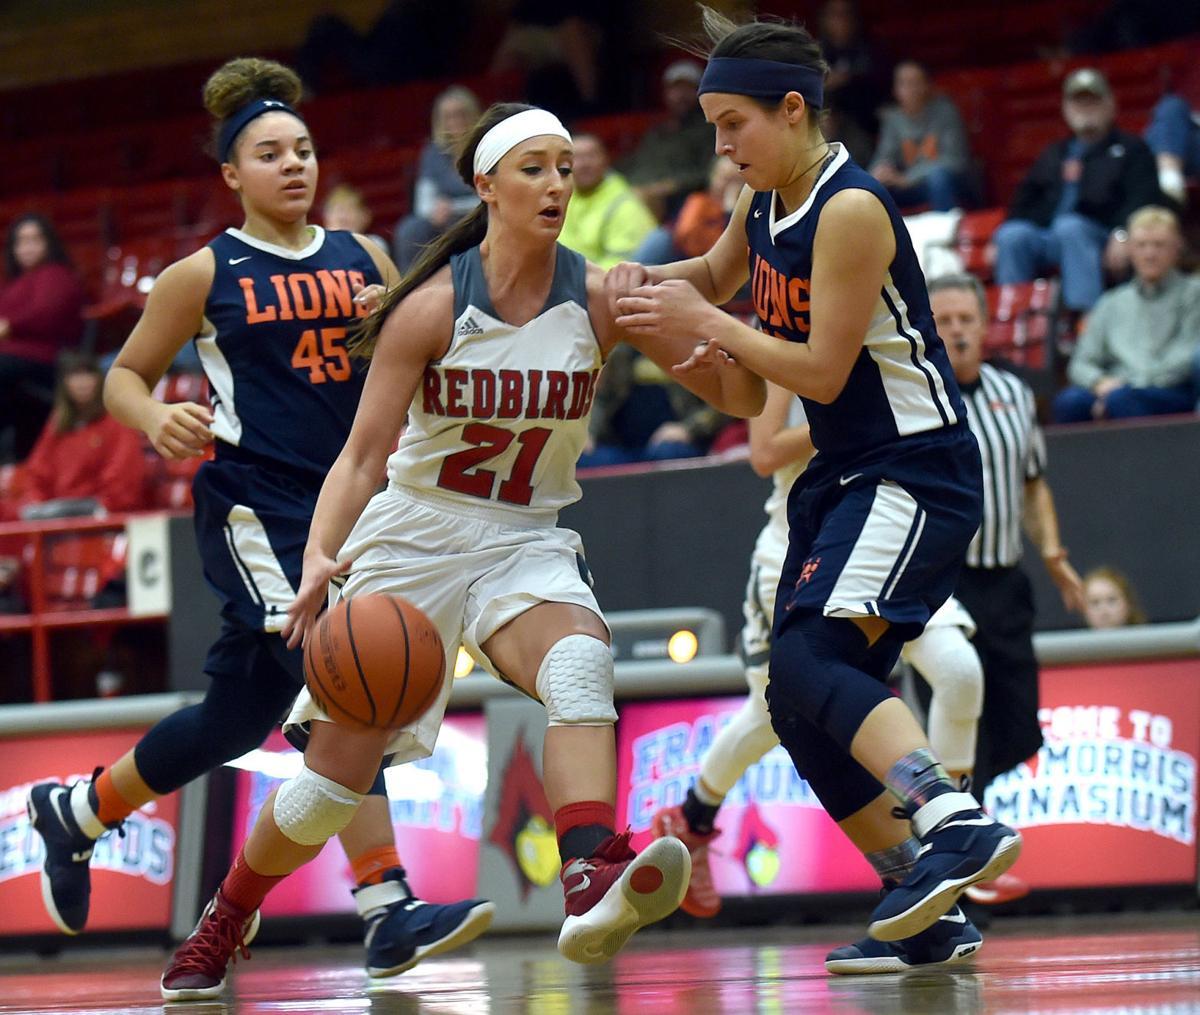 Girls Basketball: Redbirds Host Lady Lions